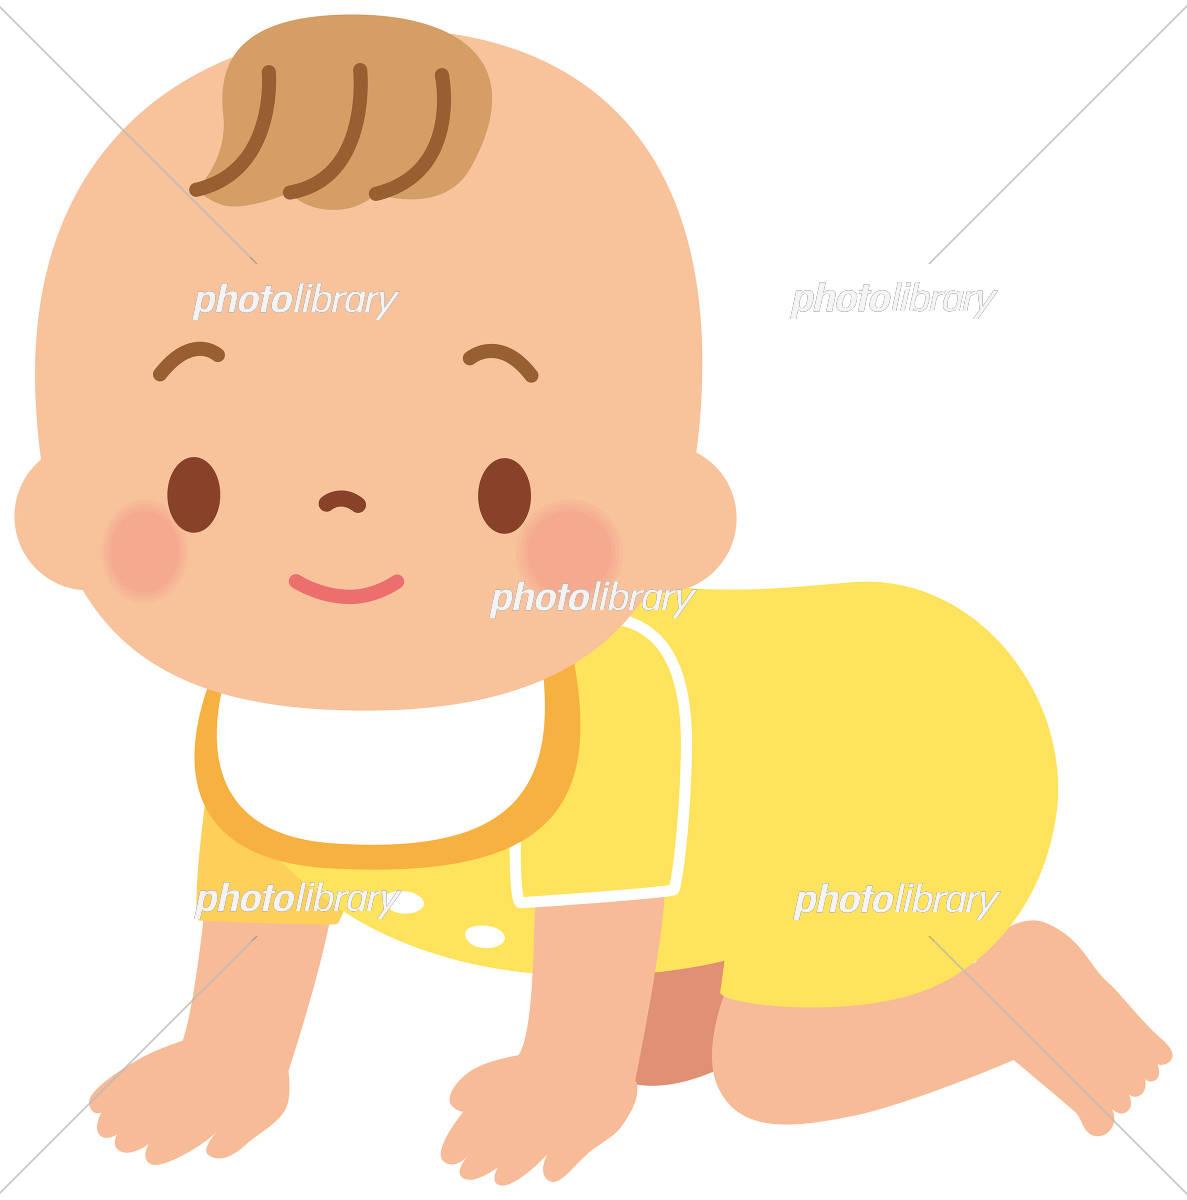 ハイハイする赤ちゃん イラスト素材 4566085 フォトライブラリー